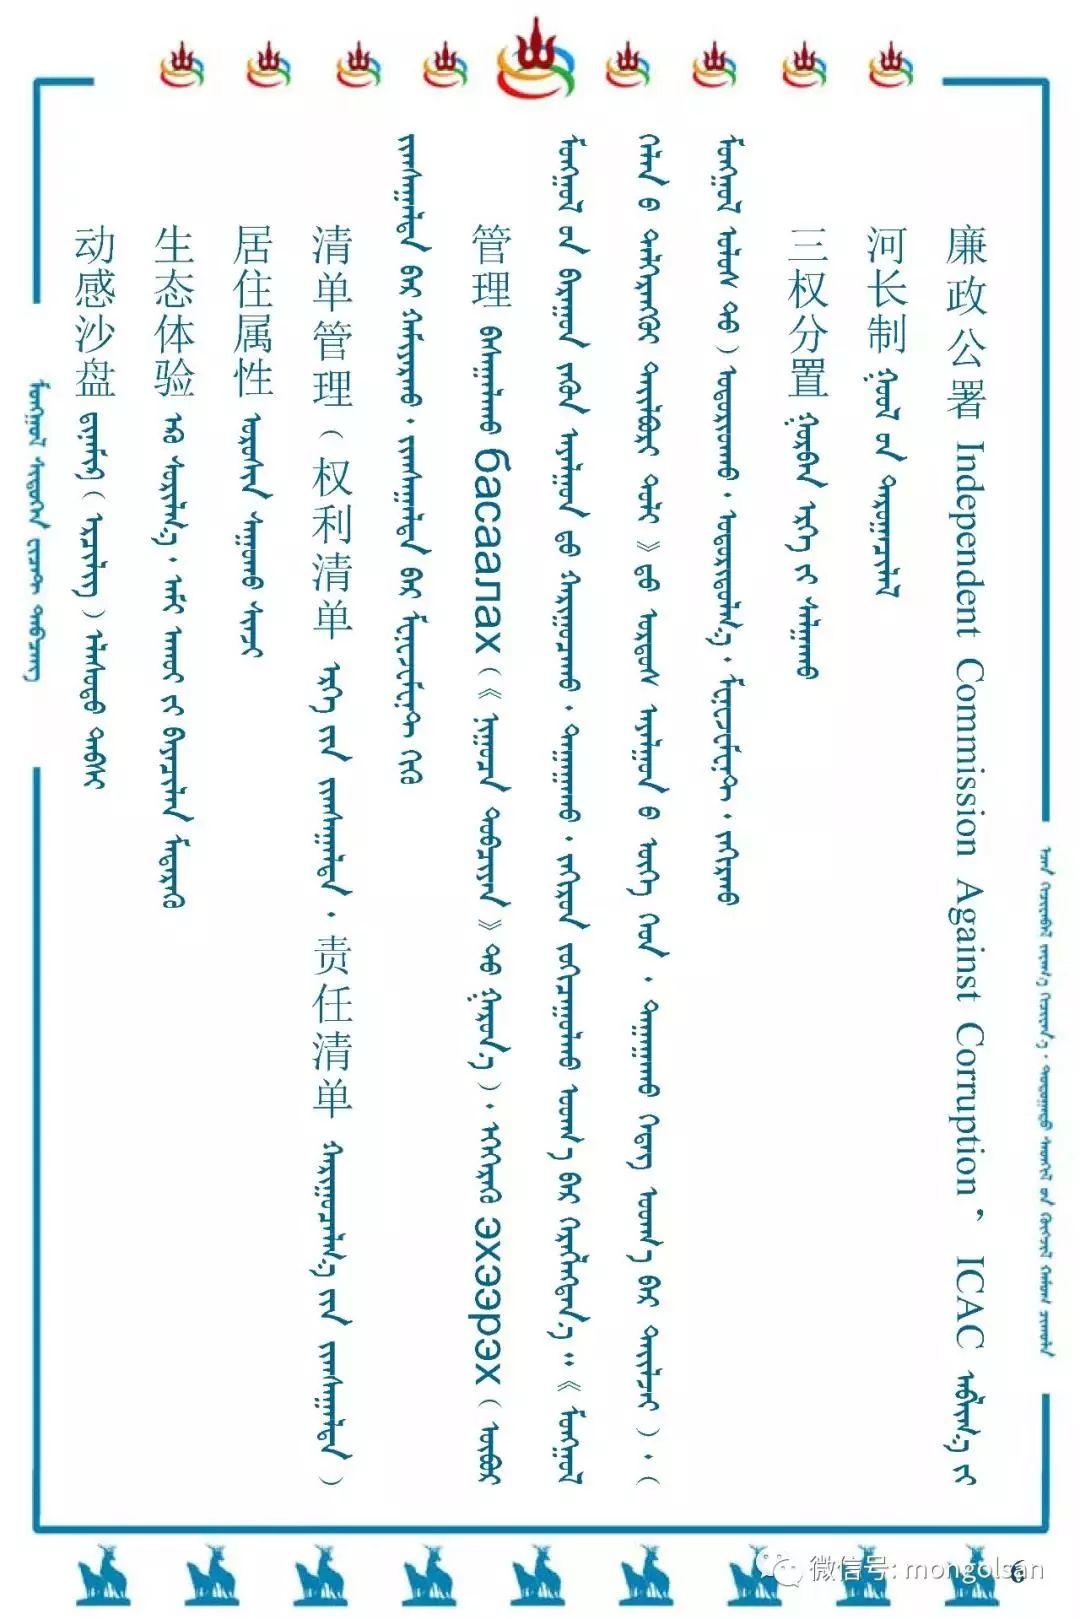 最新名词蒙古语翻译参考 第6张